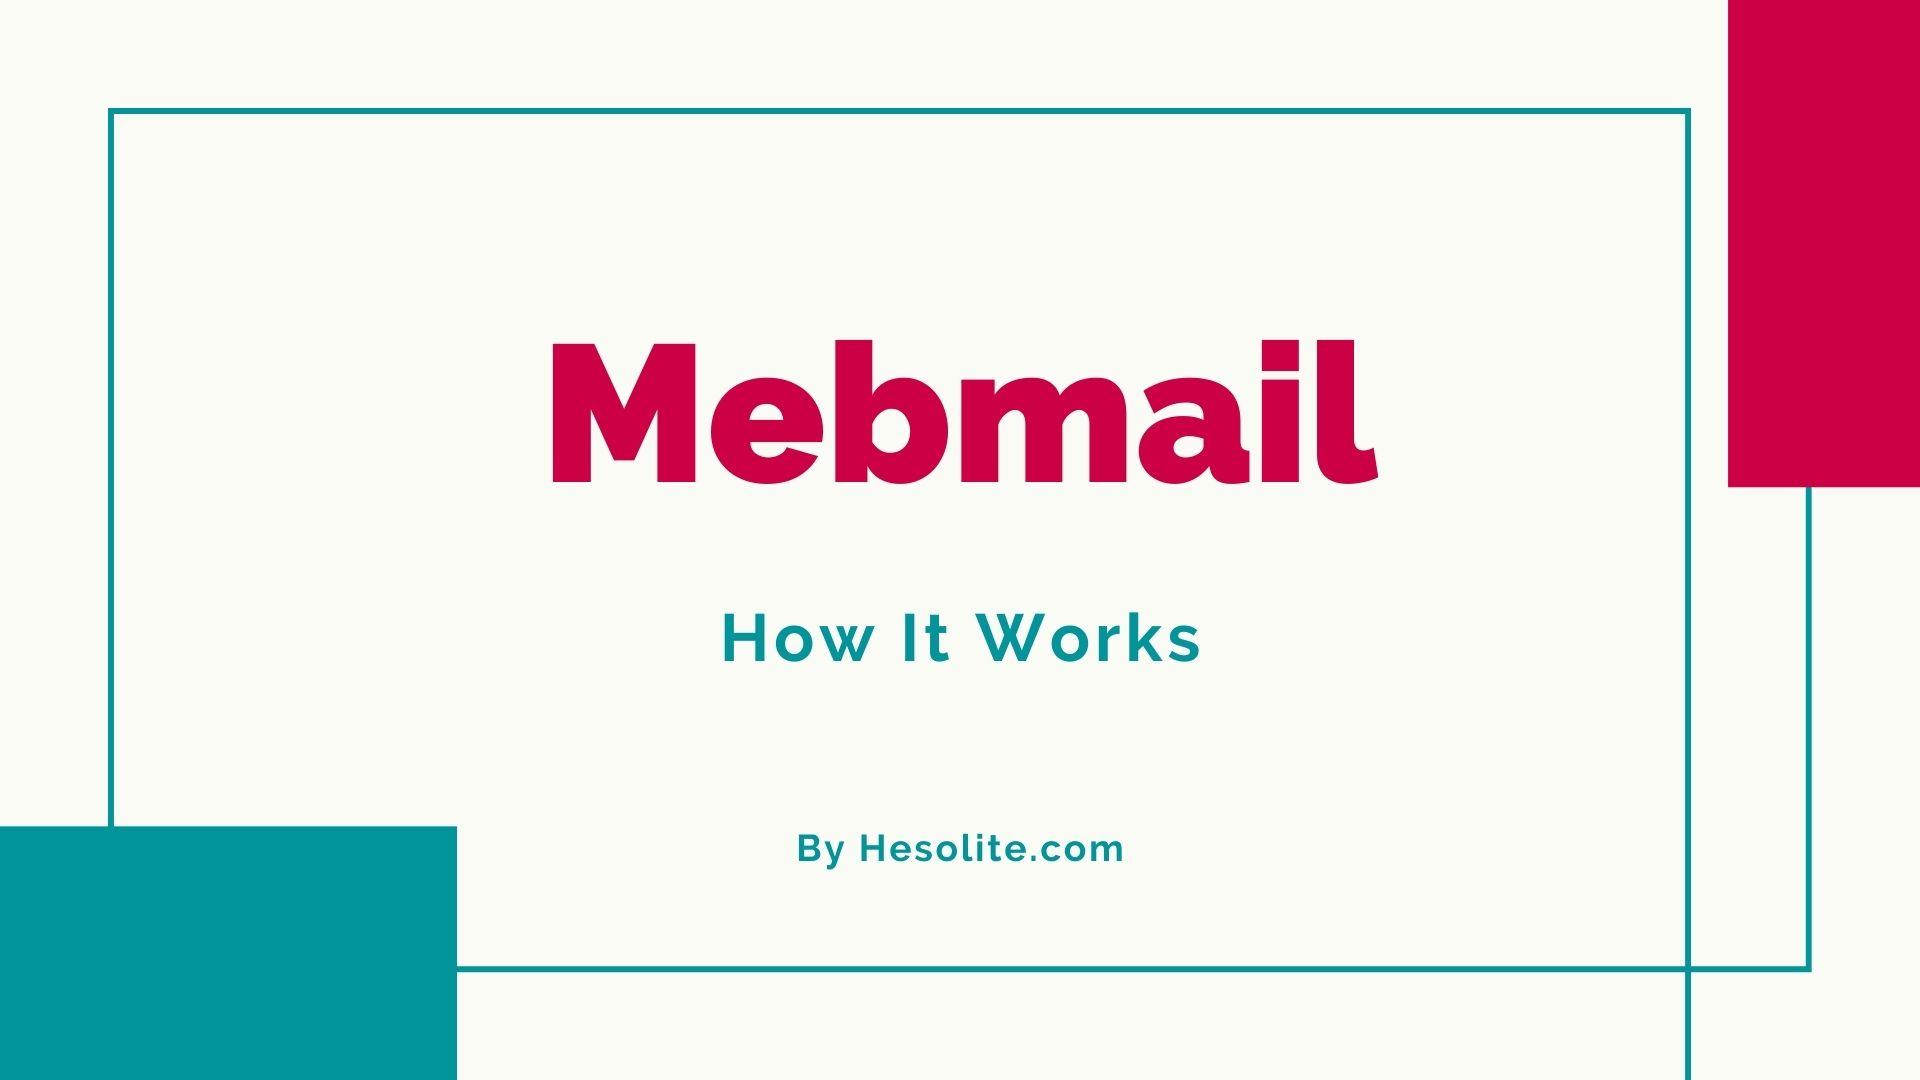 Mebmail